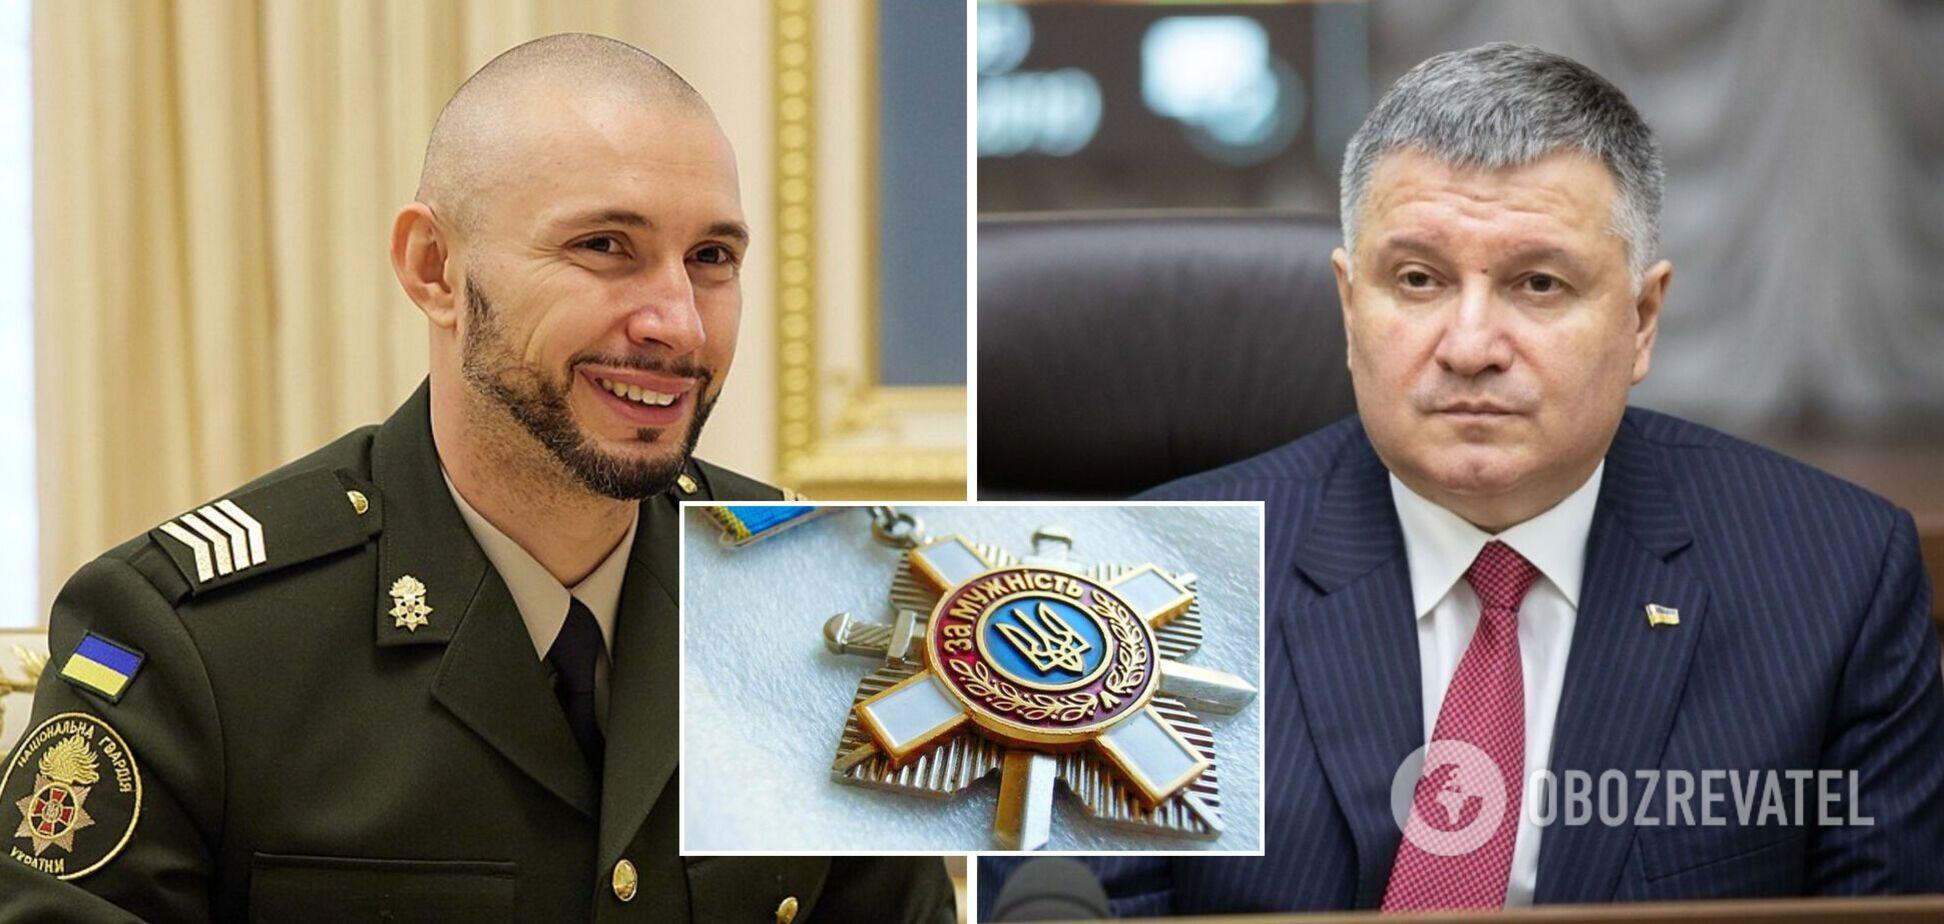 Аваков вручив Марківу орден 'За мужність'. Фото